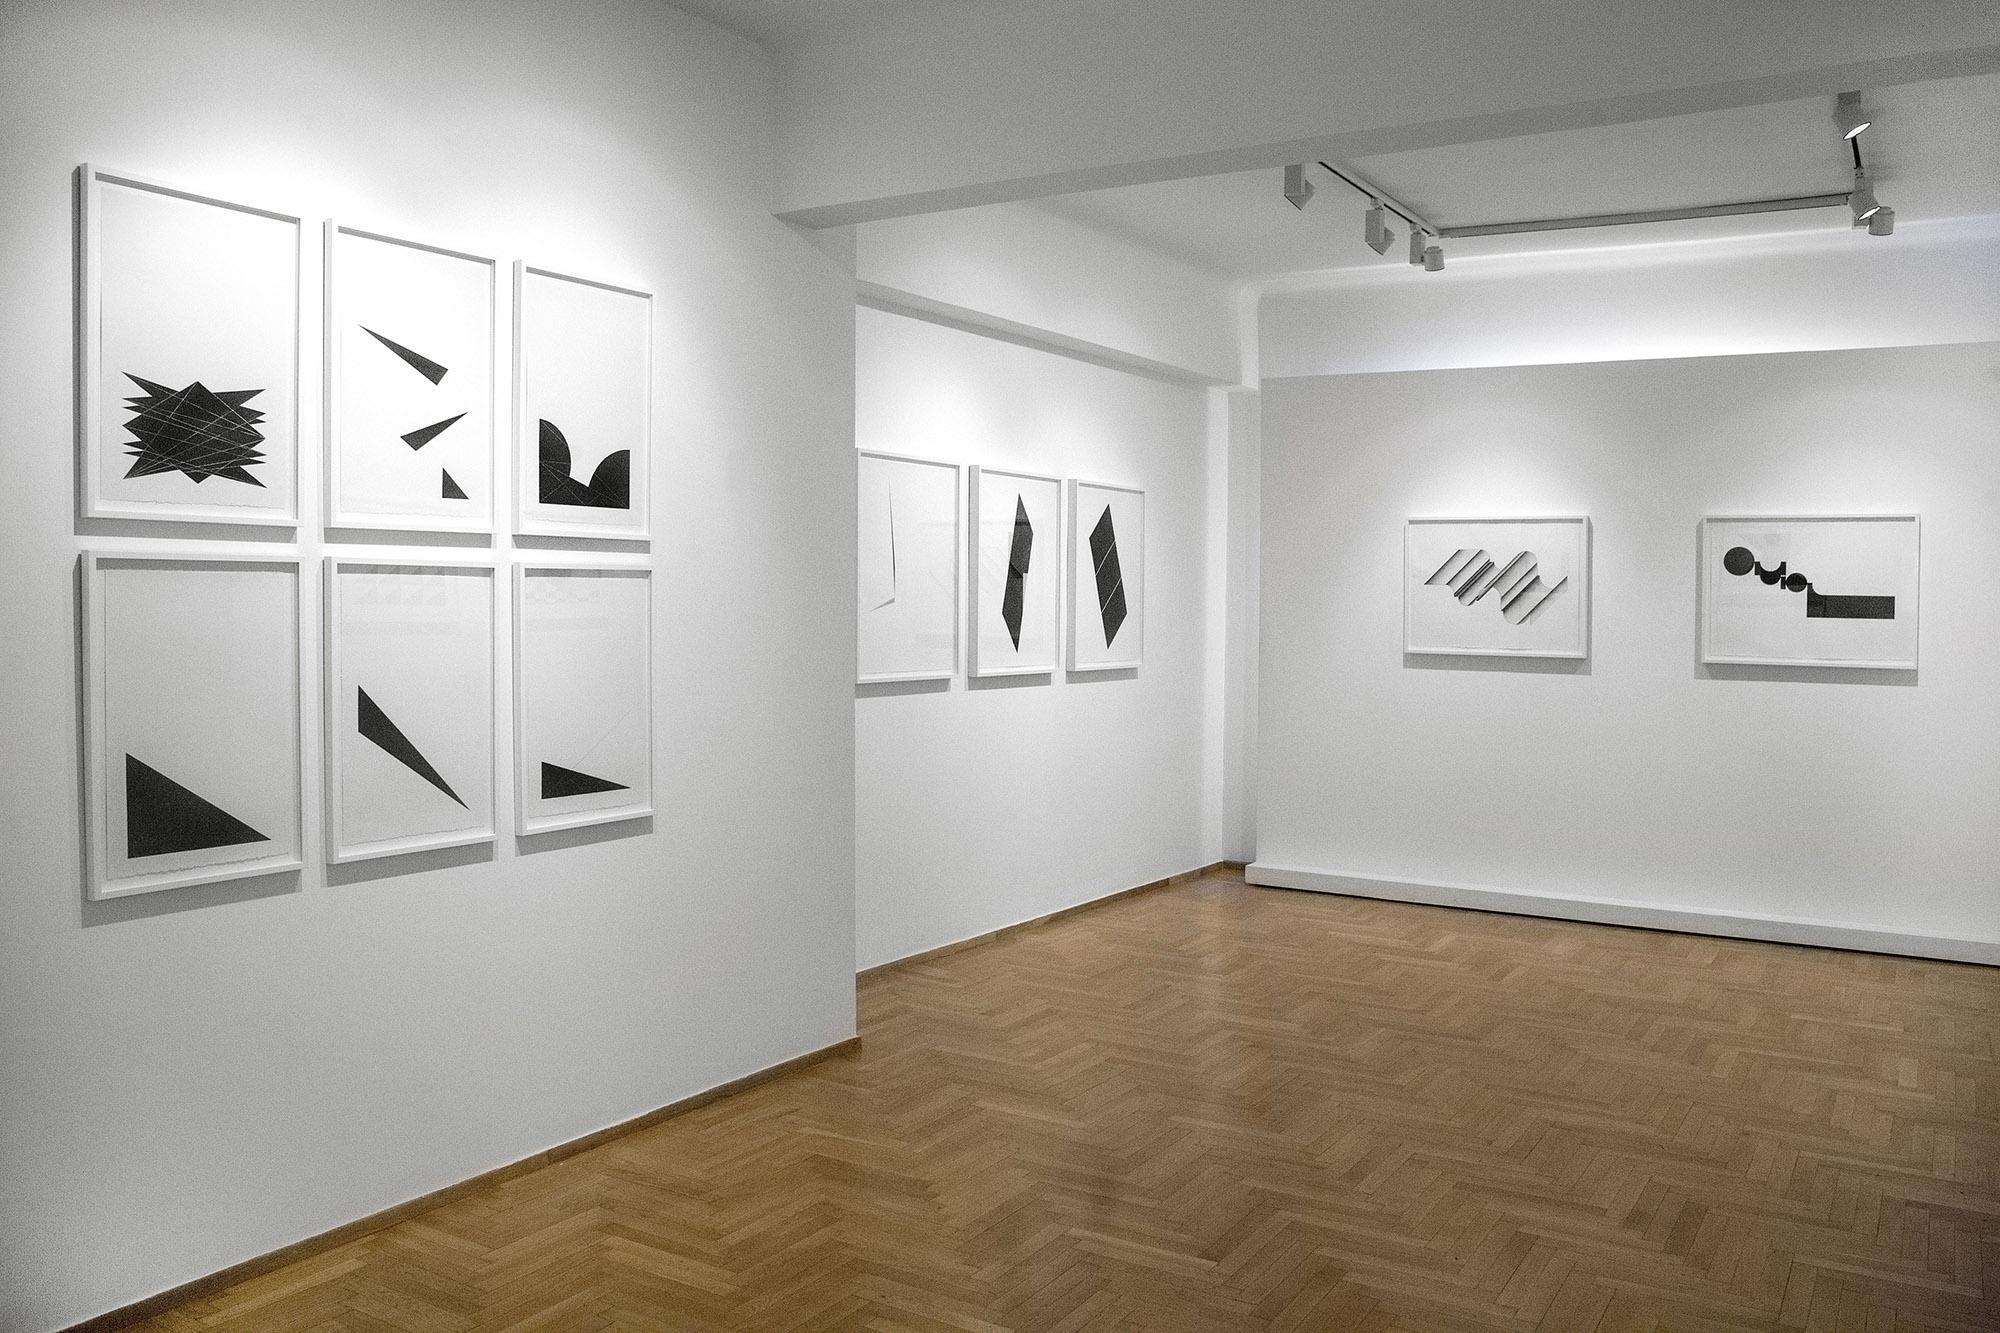 Ilias Koen / Solo show - Image 0